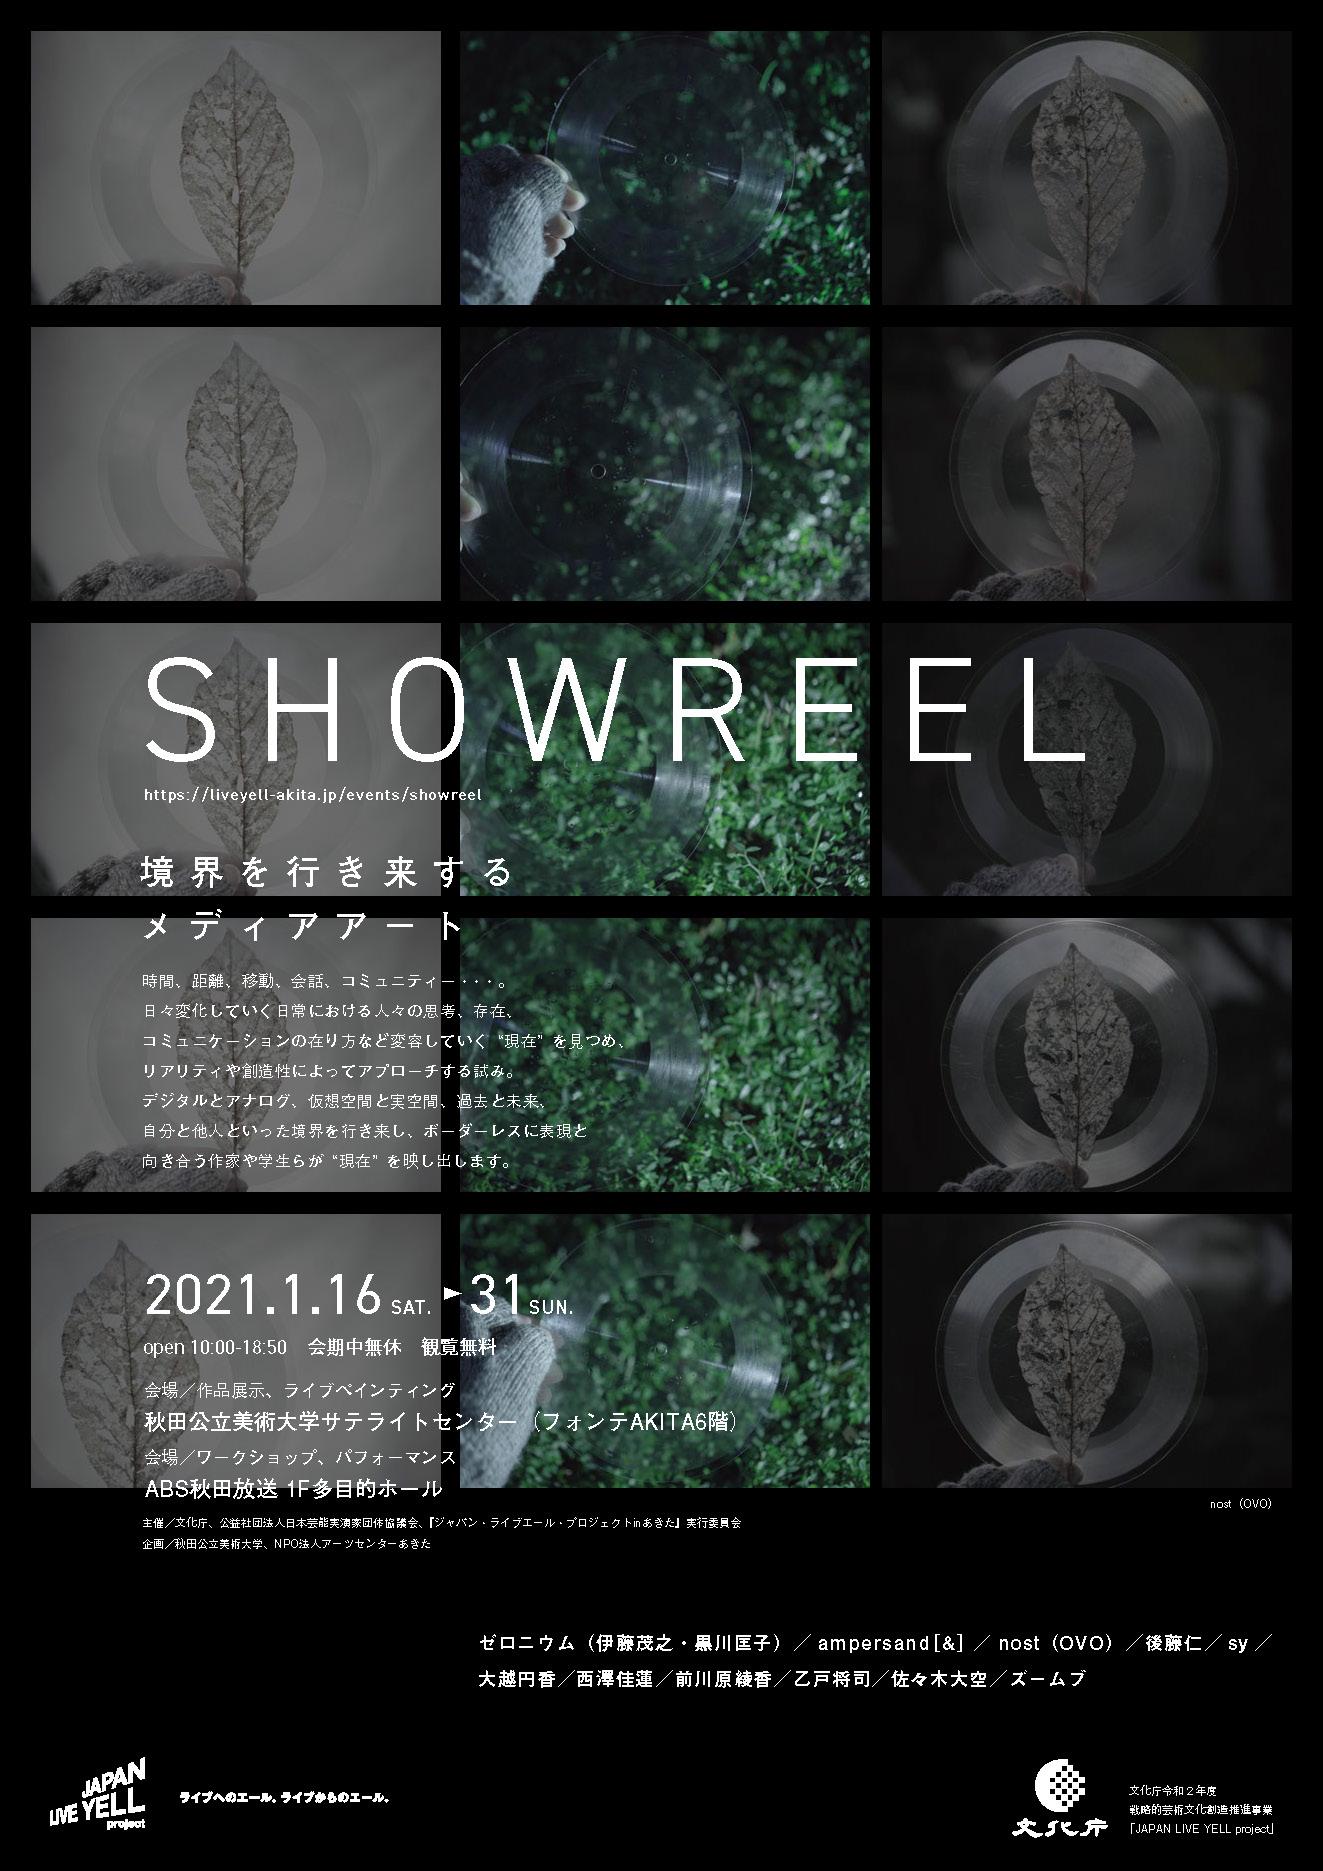 展覧会「SHOWREEL 境界を行き来するメディアアート」